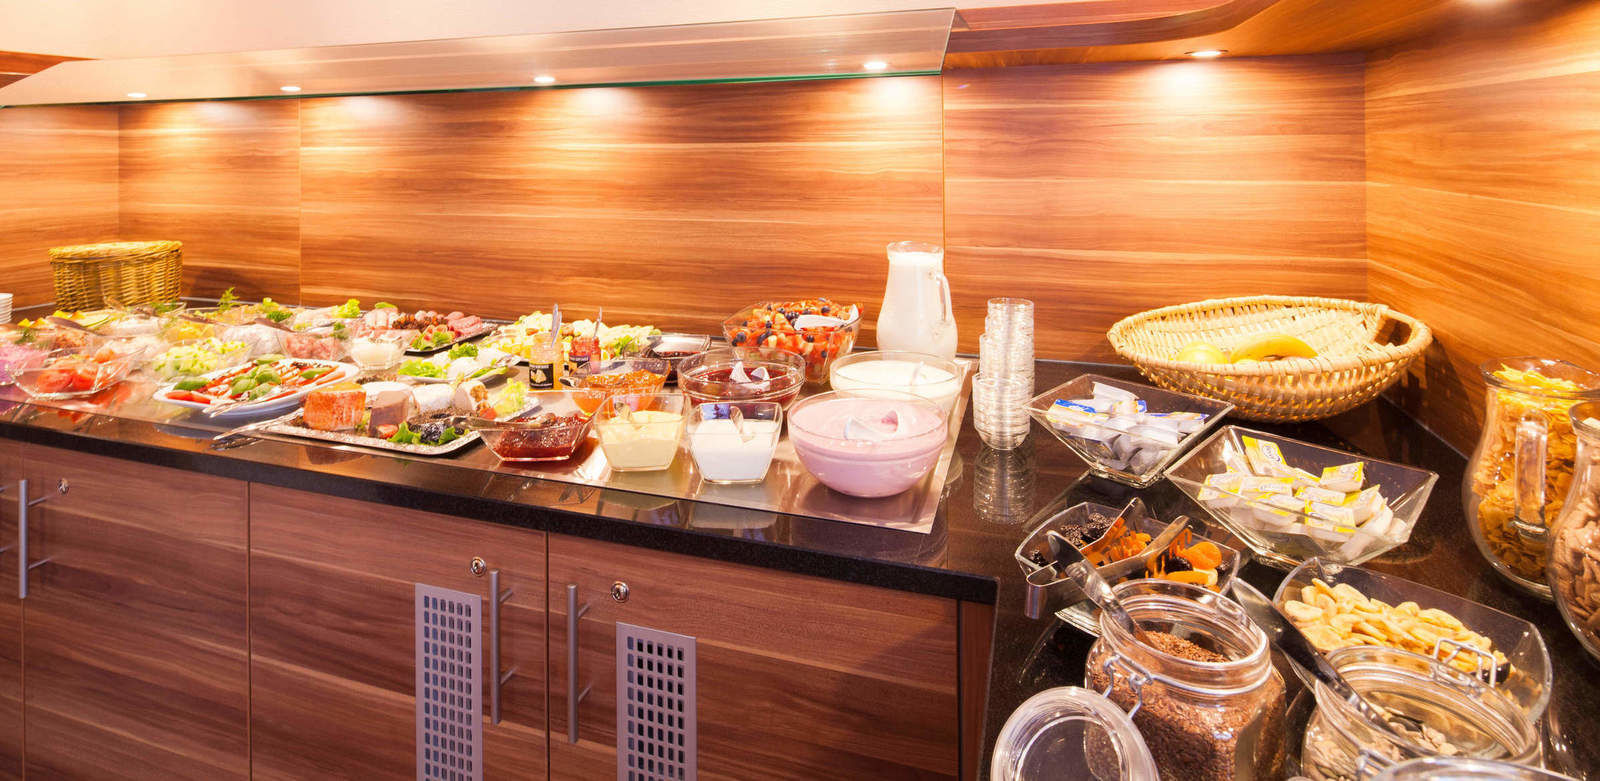 Nordsee gutscheine zum ausdrucken for Designhotel essen